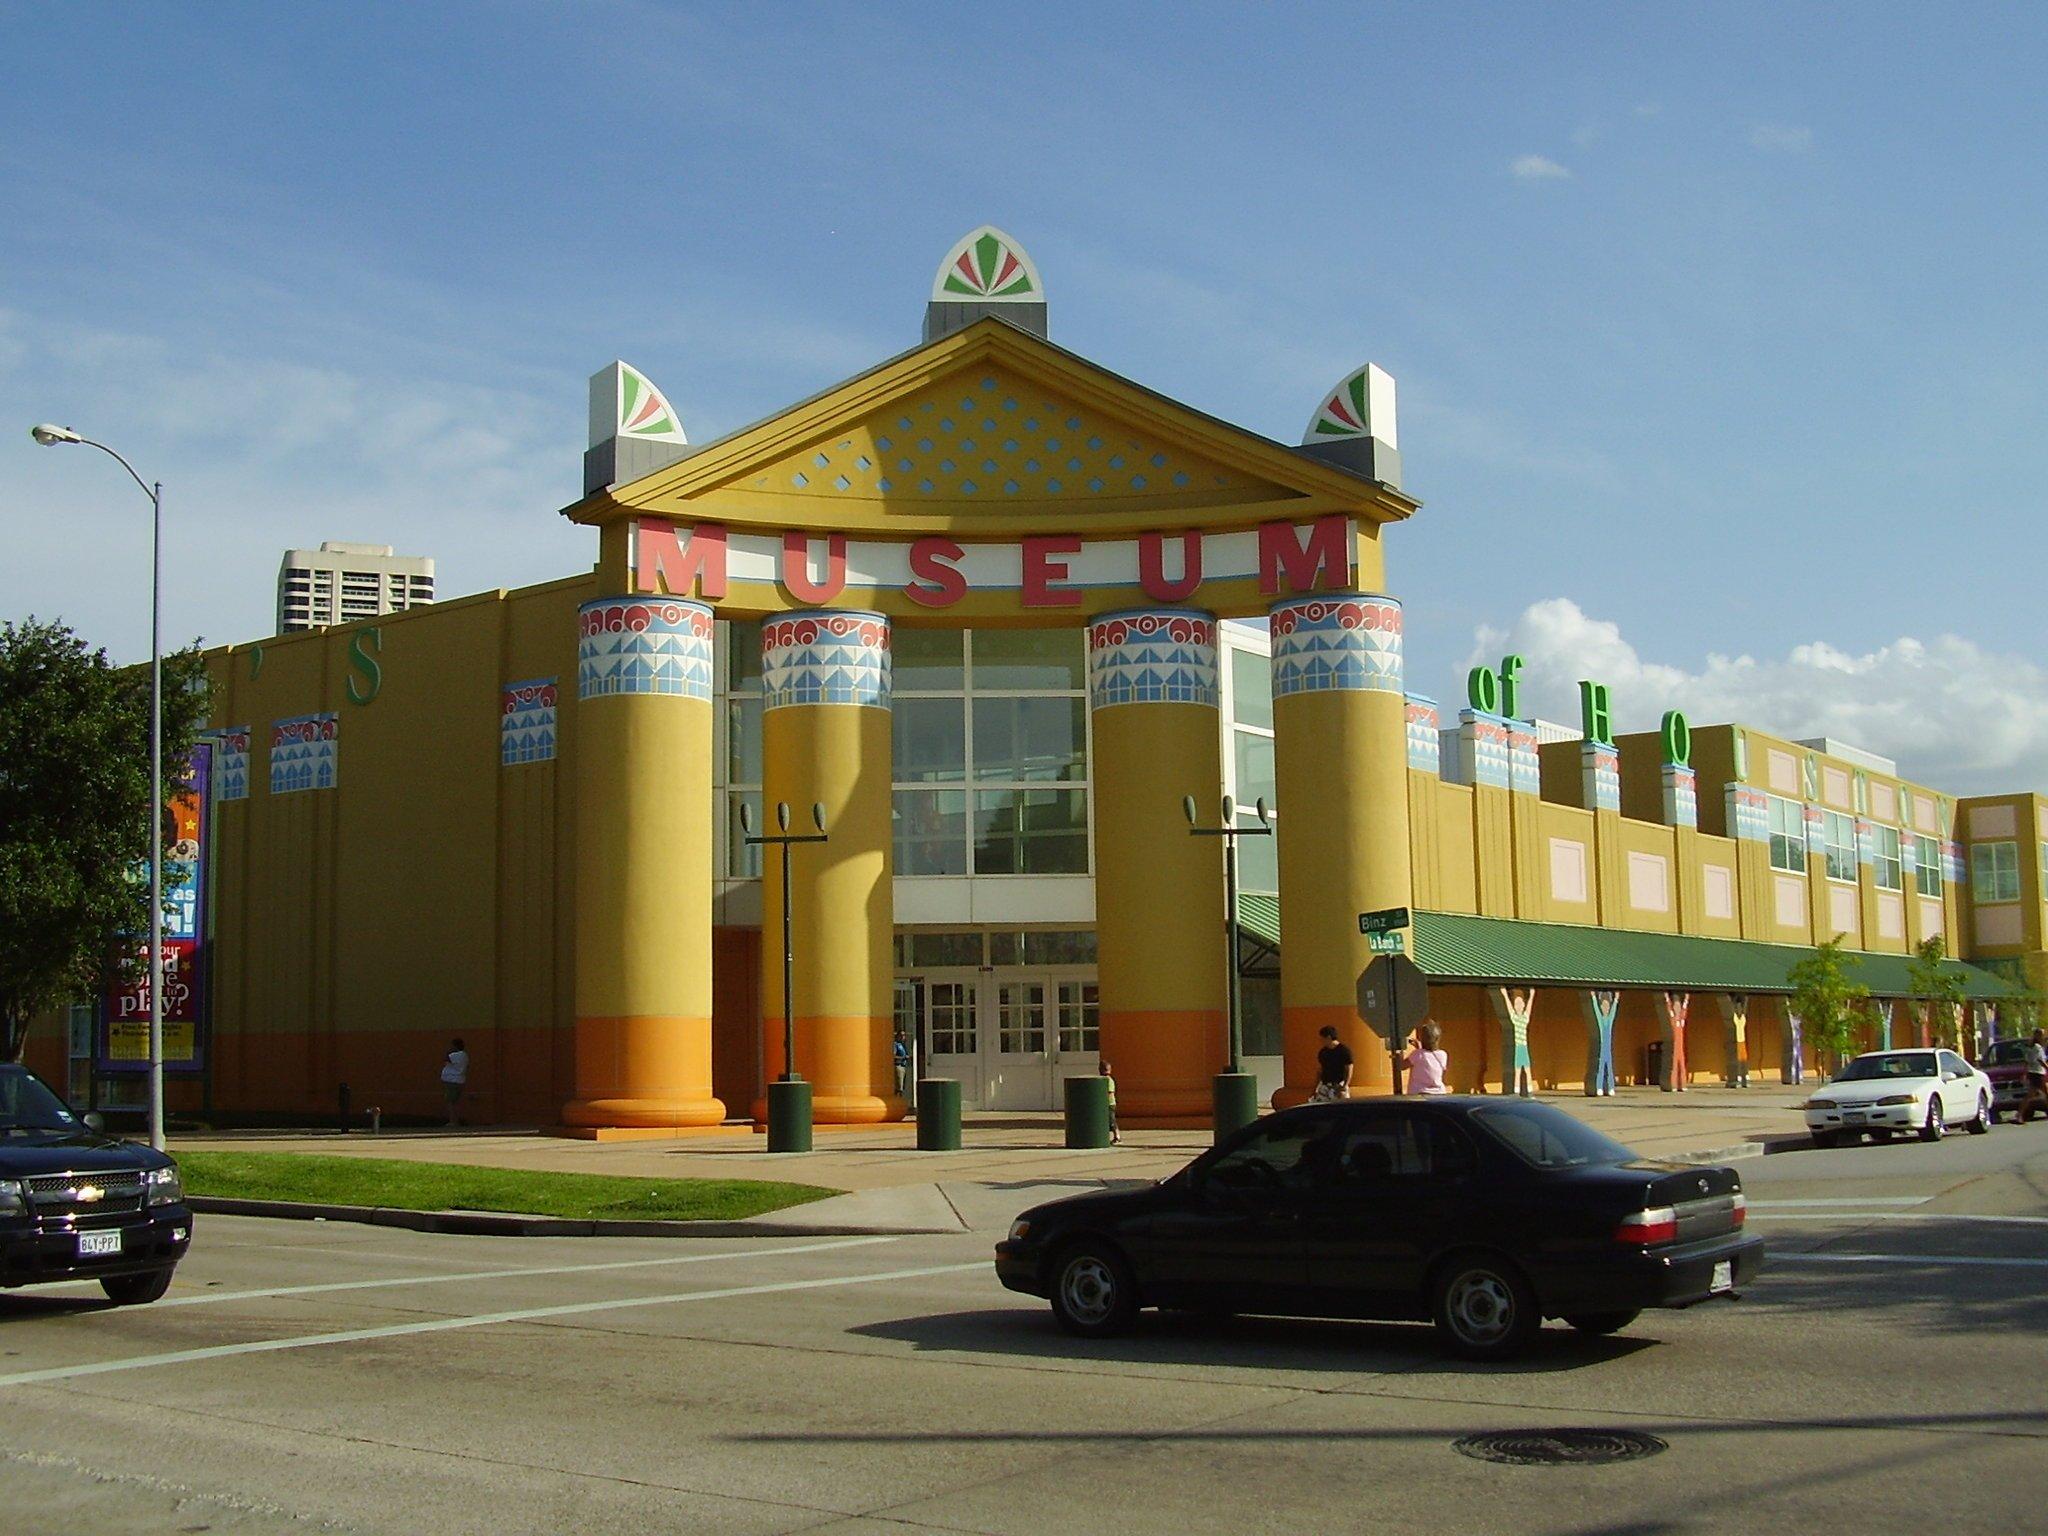 休斯頓橡樹河皇冠廣場酒店